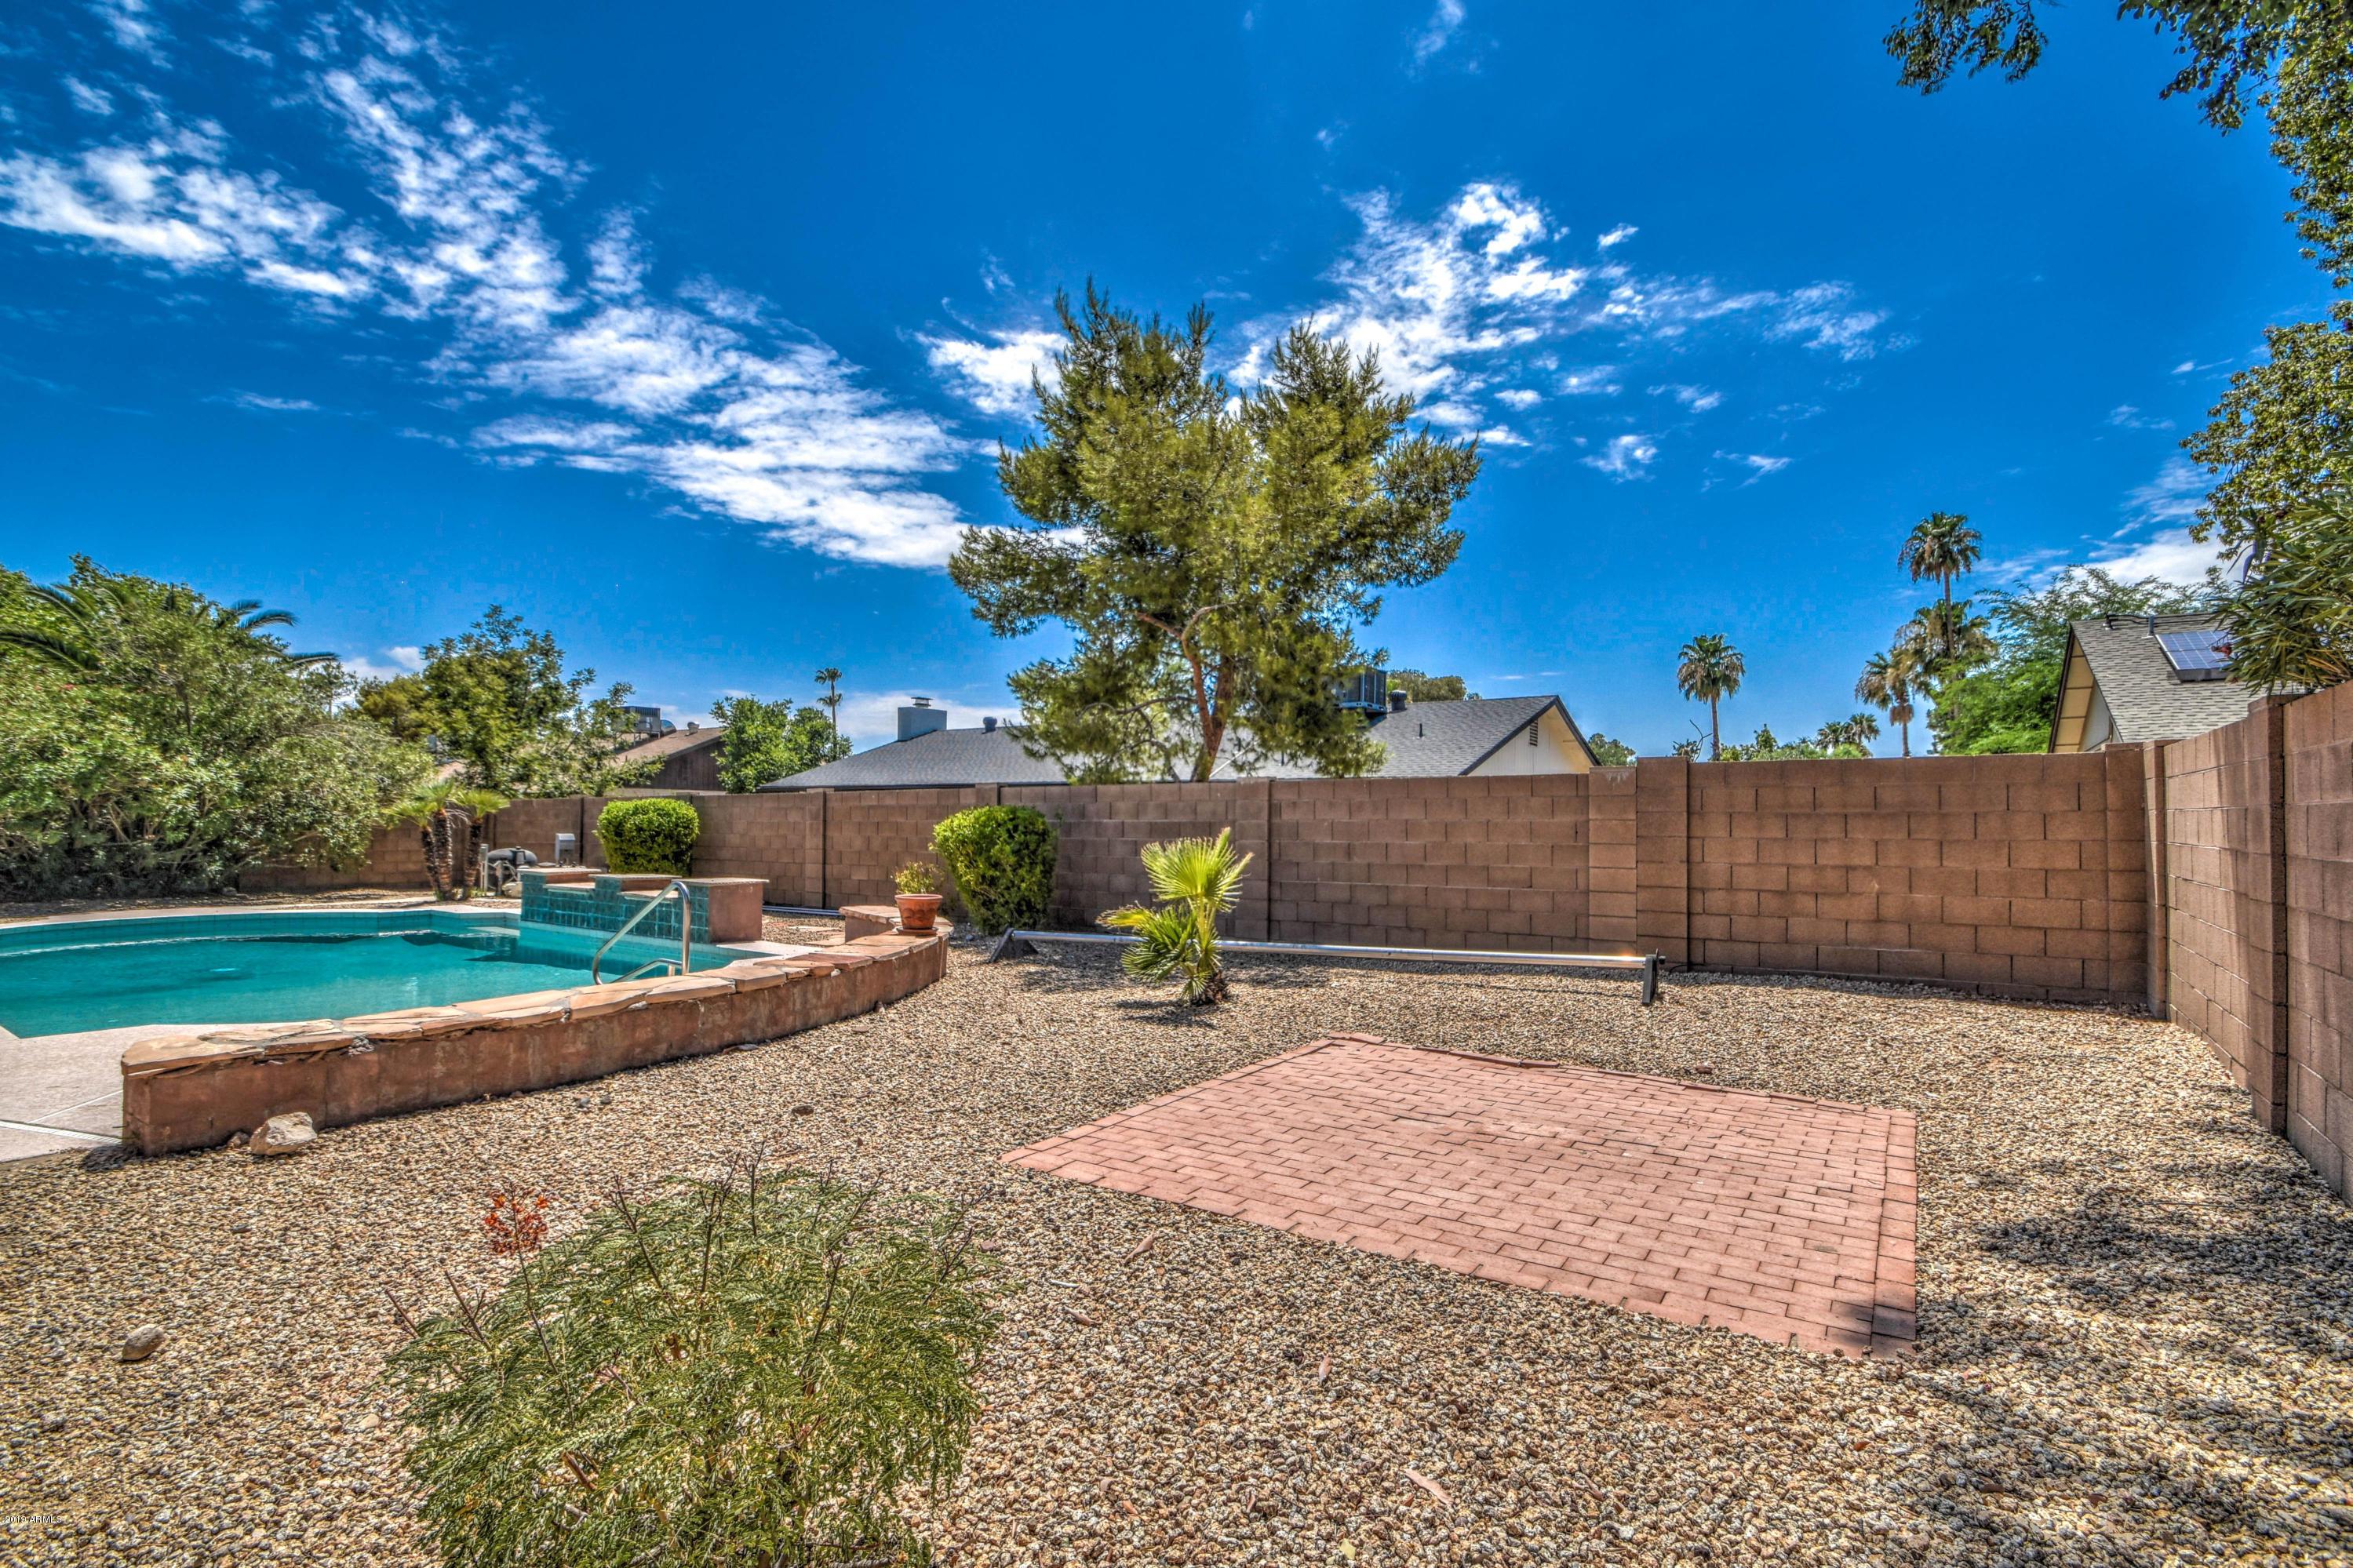 MLS 5935986 14646 N 49TH Way, Scottsdale, AZ 85254 Scottsdale AZ Private Pool